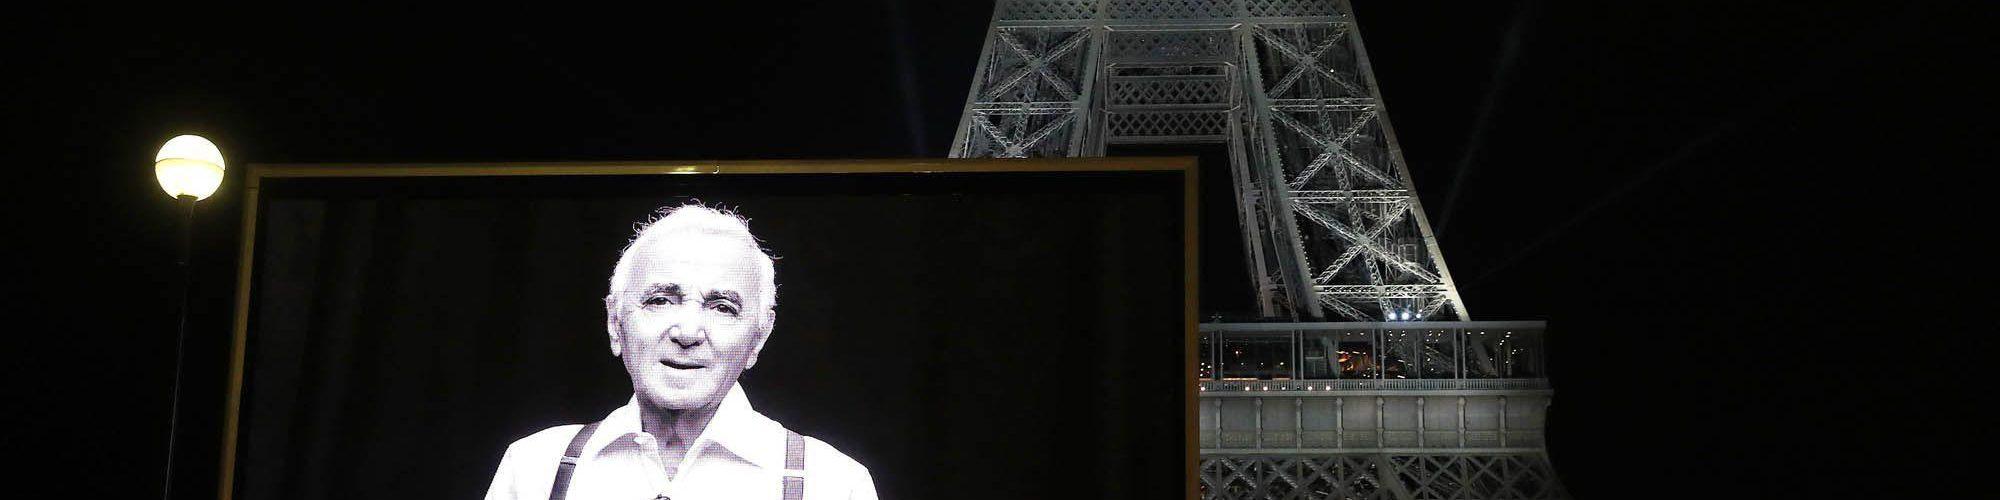 ecran geant LED Supervision Charles Aznavour Tour Eiffel